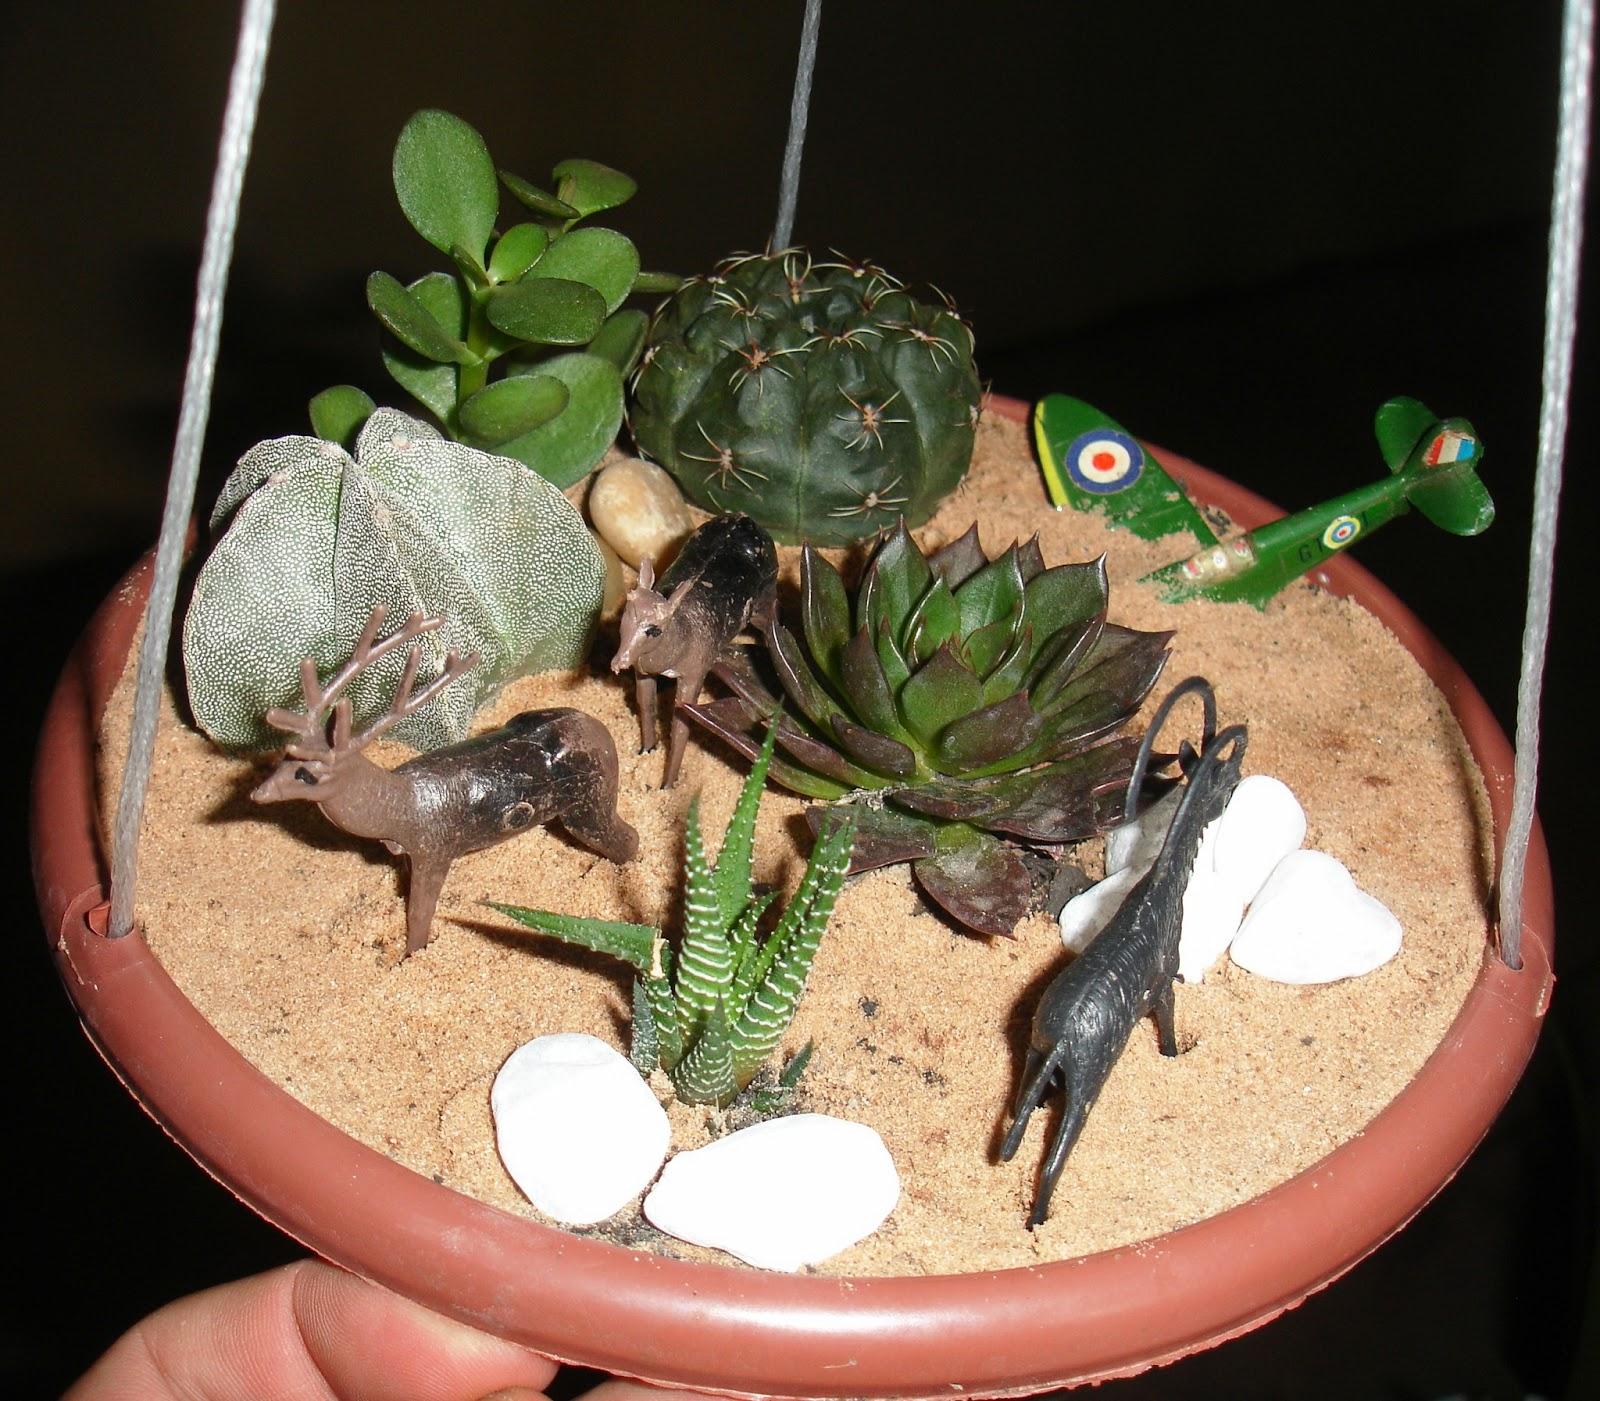 Inovando com Cactos e Suculentas Mini Jardim Suspenso de Cactos e